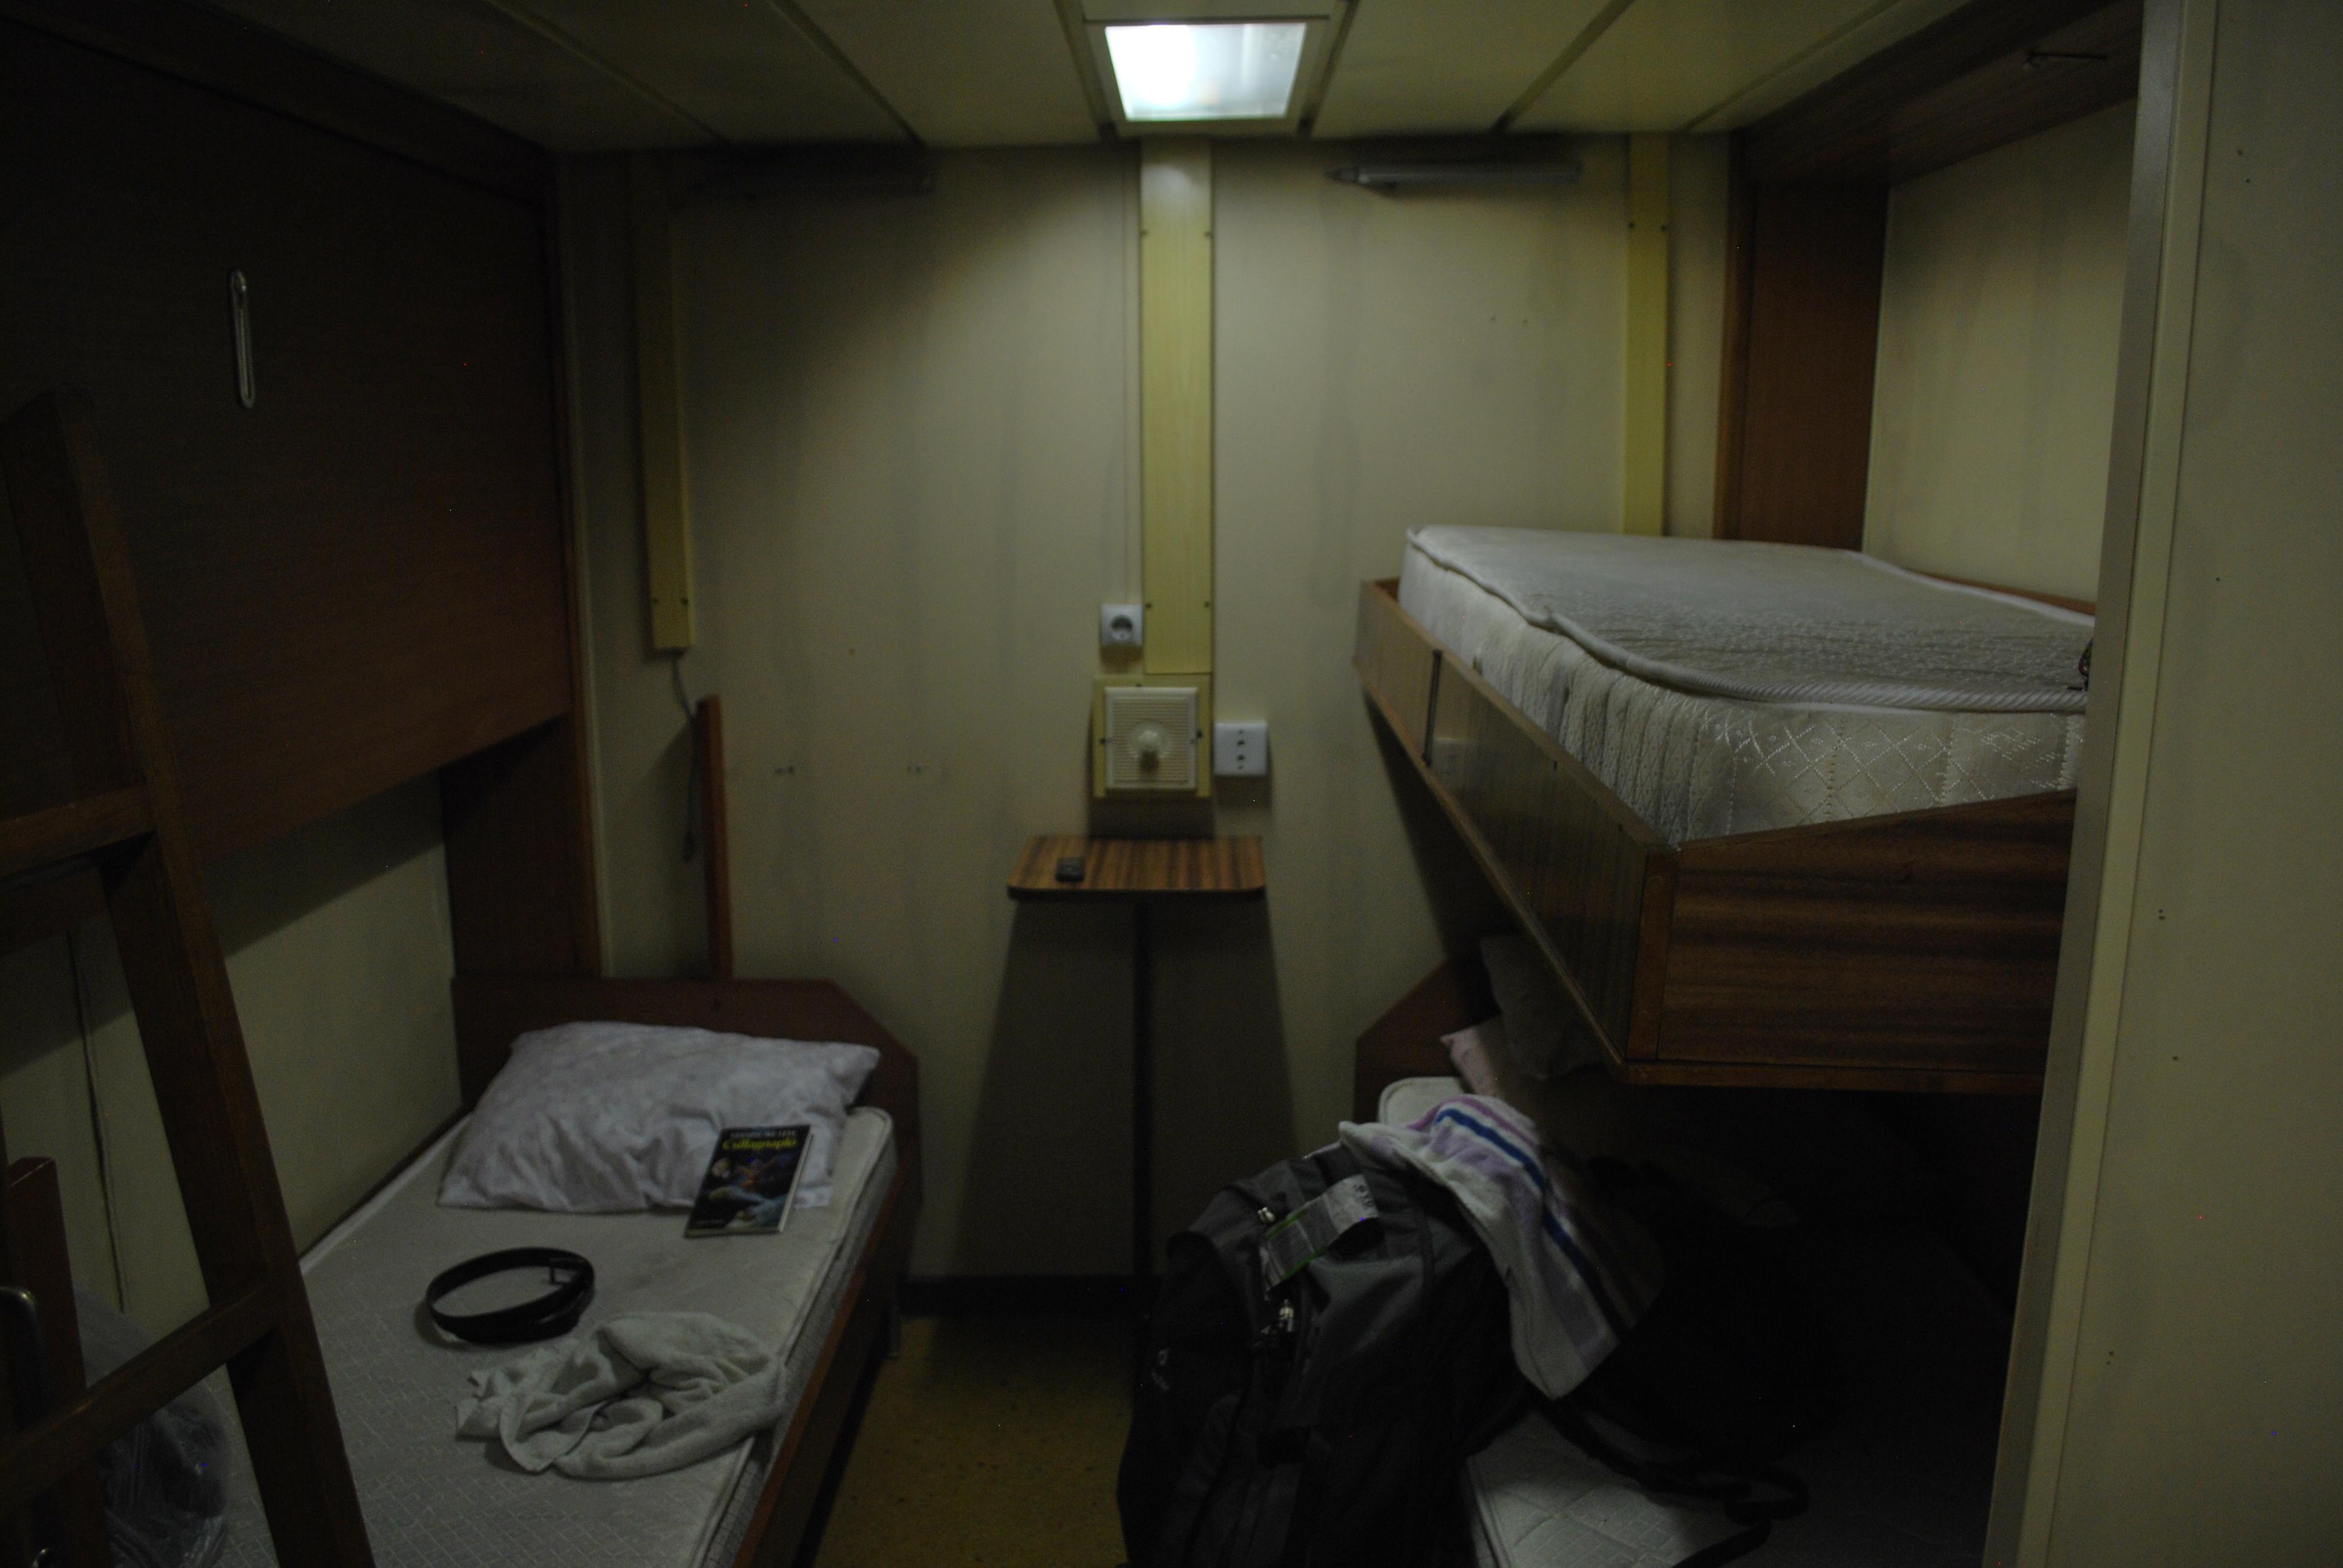 Na ez volt a szobánk. Sokáig kellene gondolkoznom magamban, ha meg kellene mondanom, hogy szálltam-e meg már rosszabb helyen.